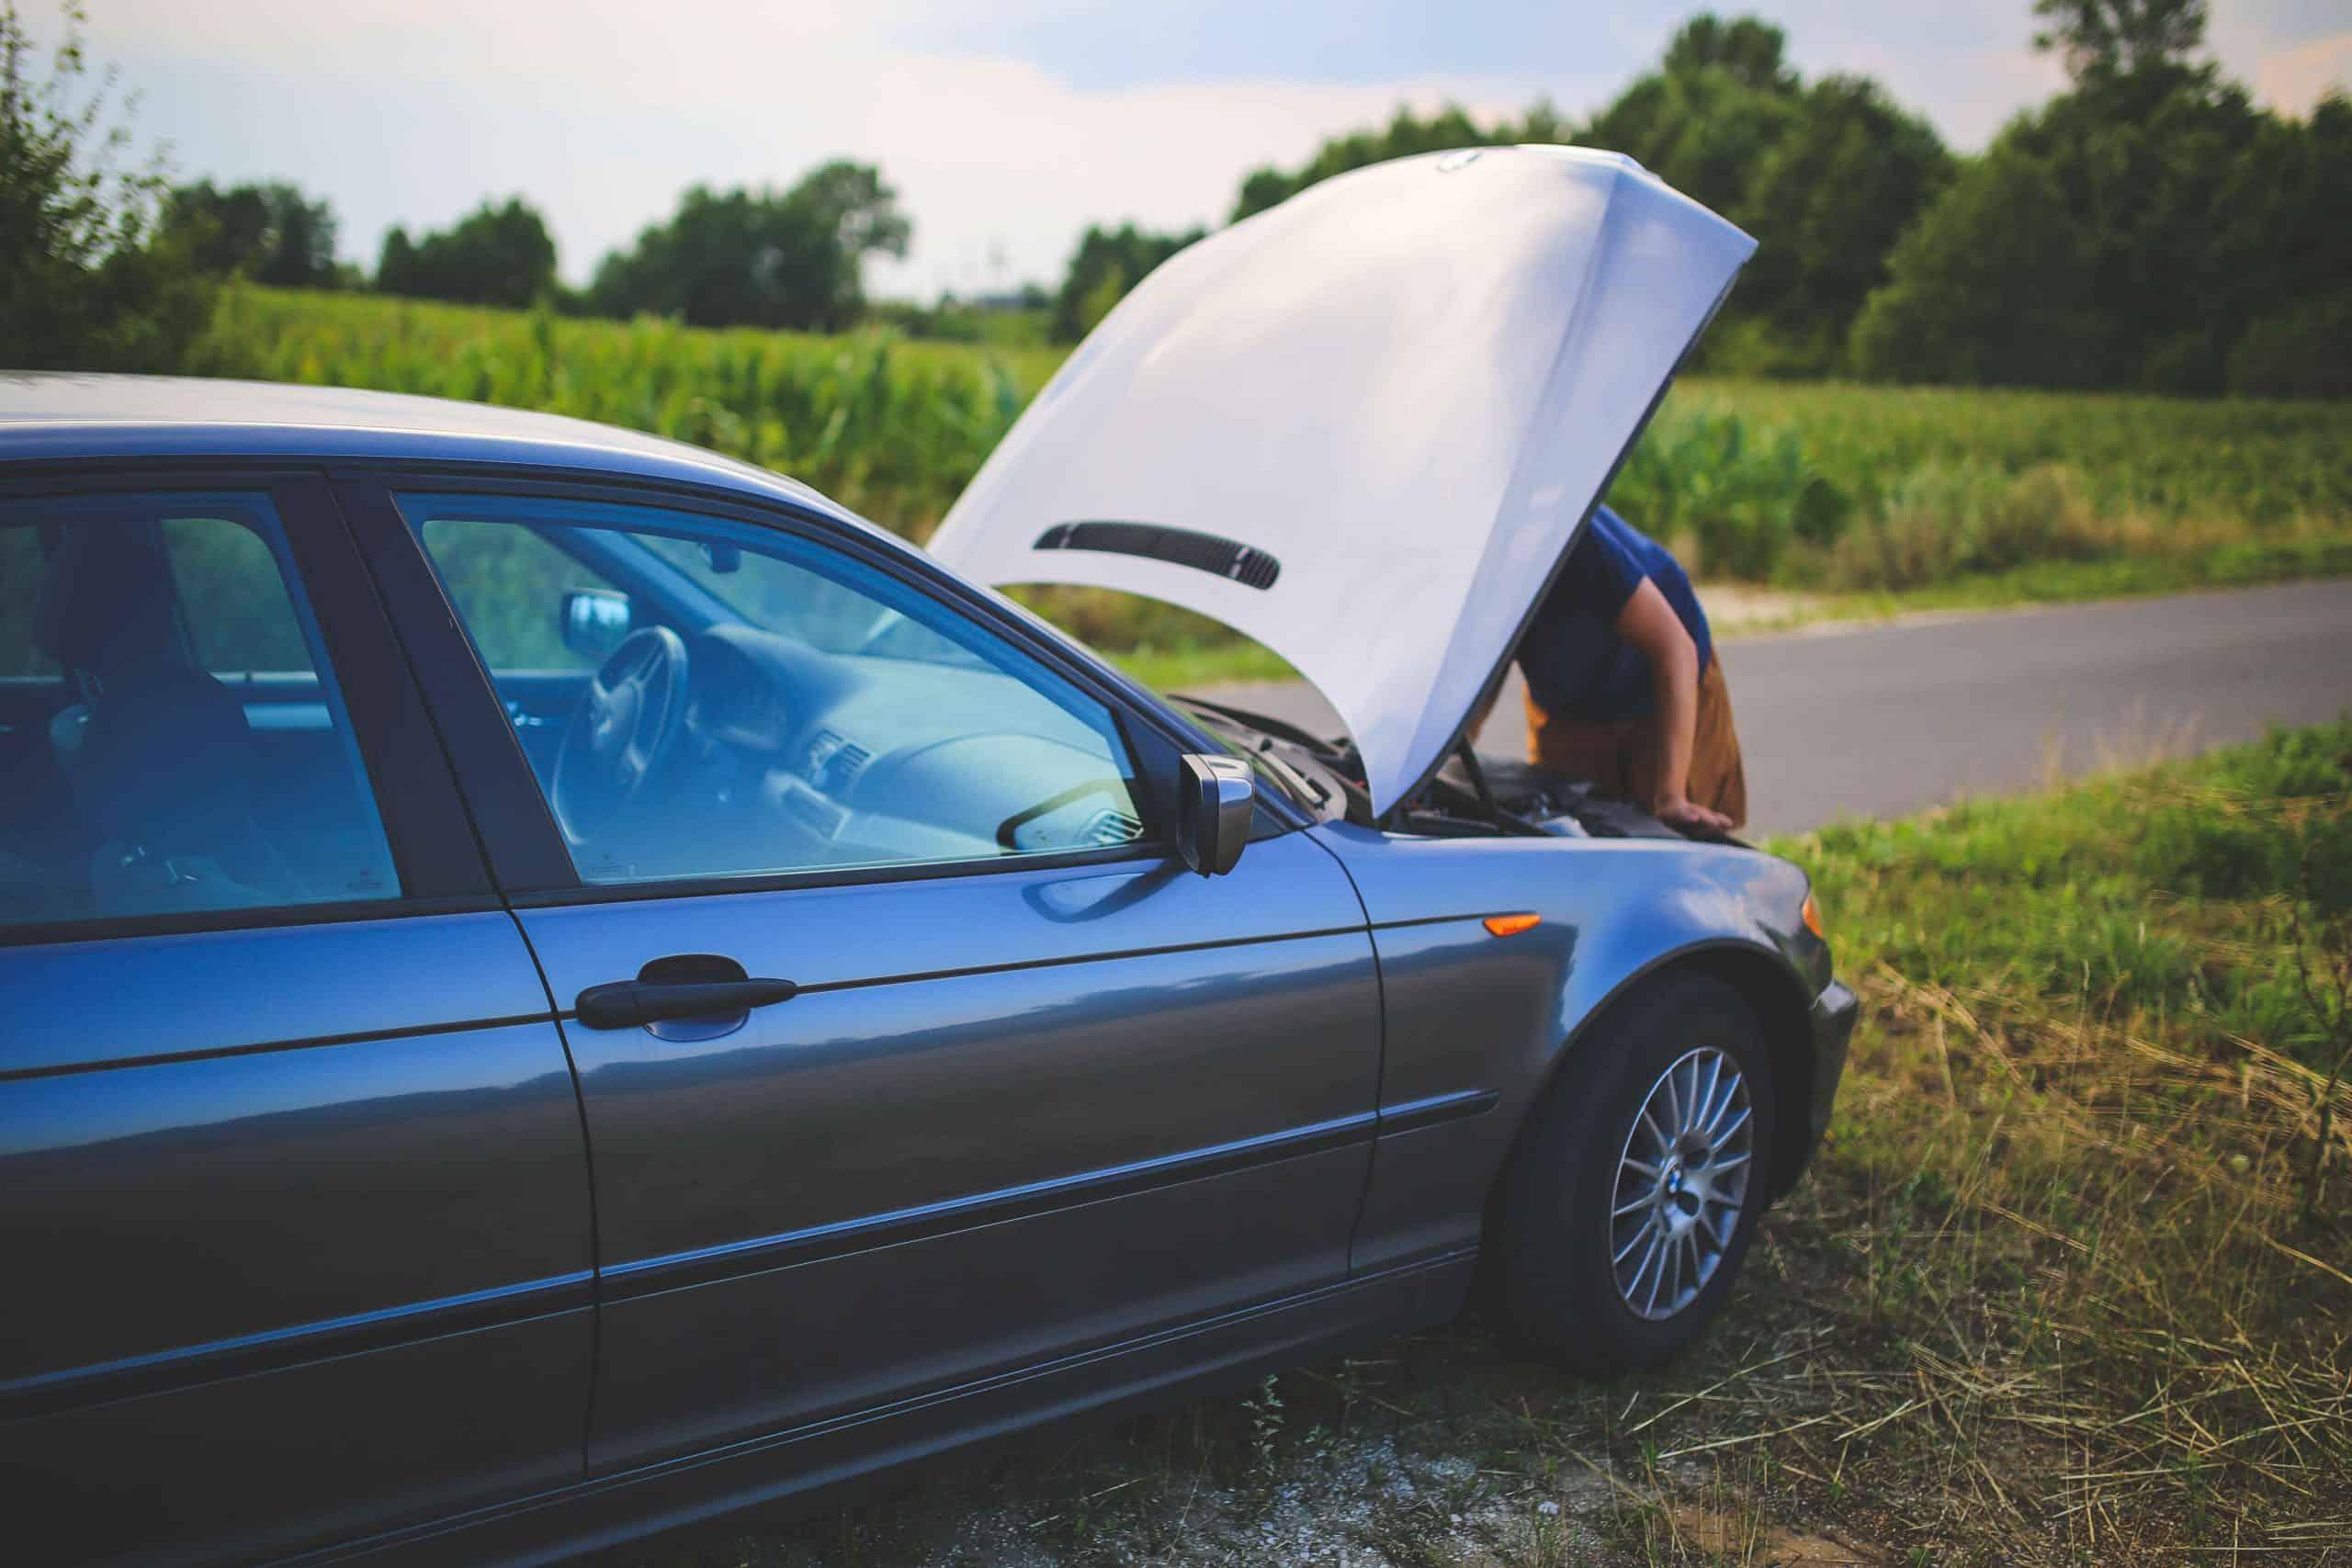 Motorschaden, Motor defekt